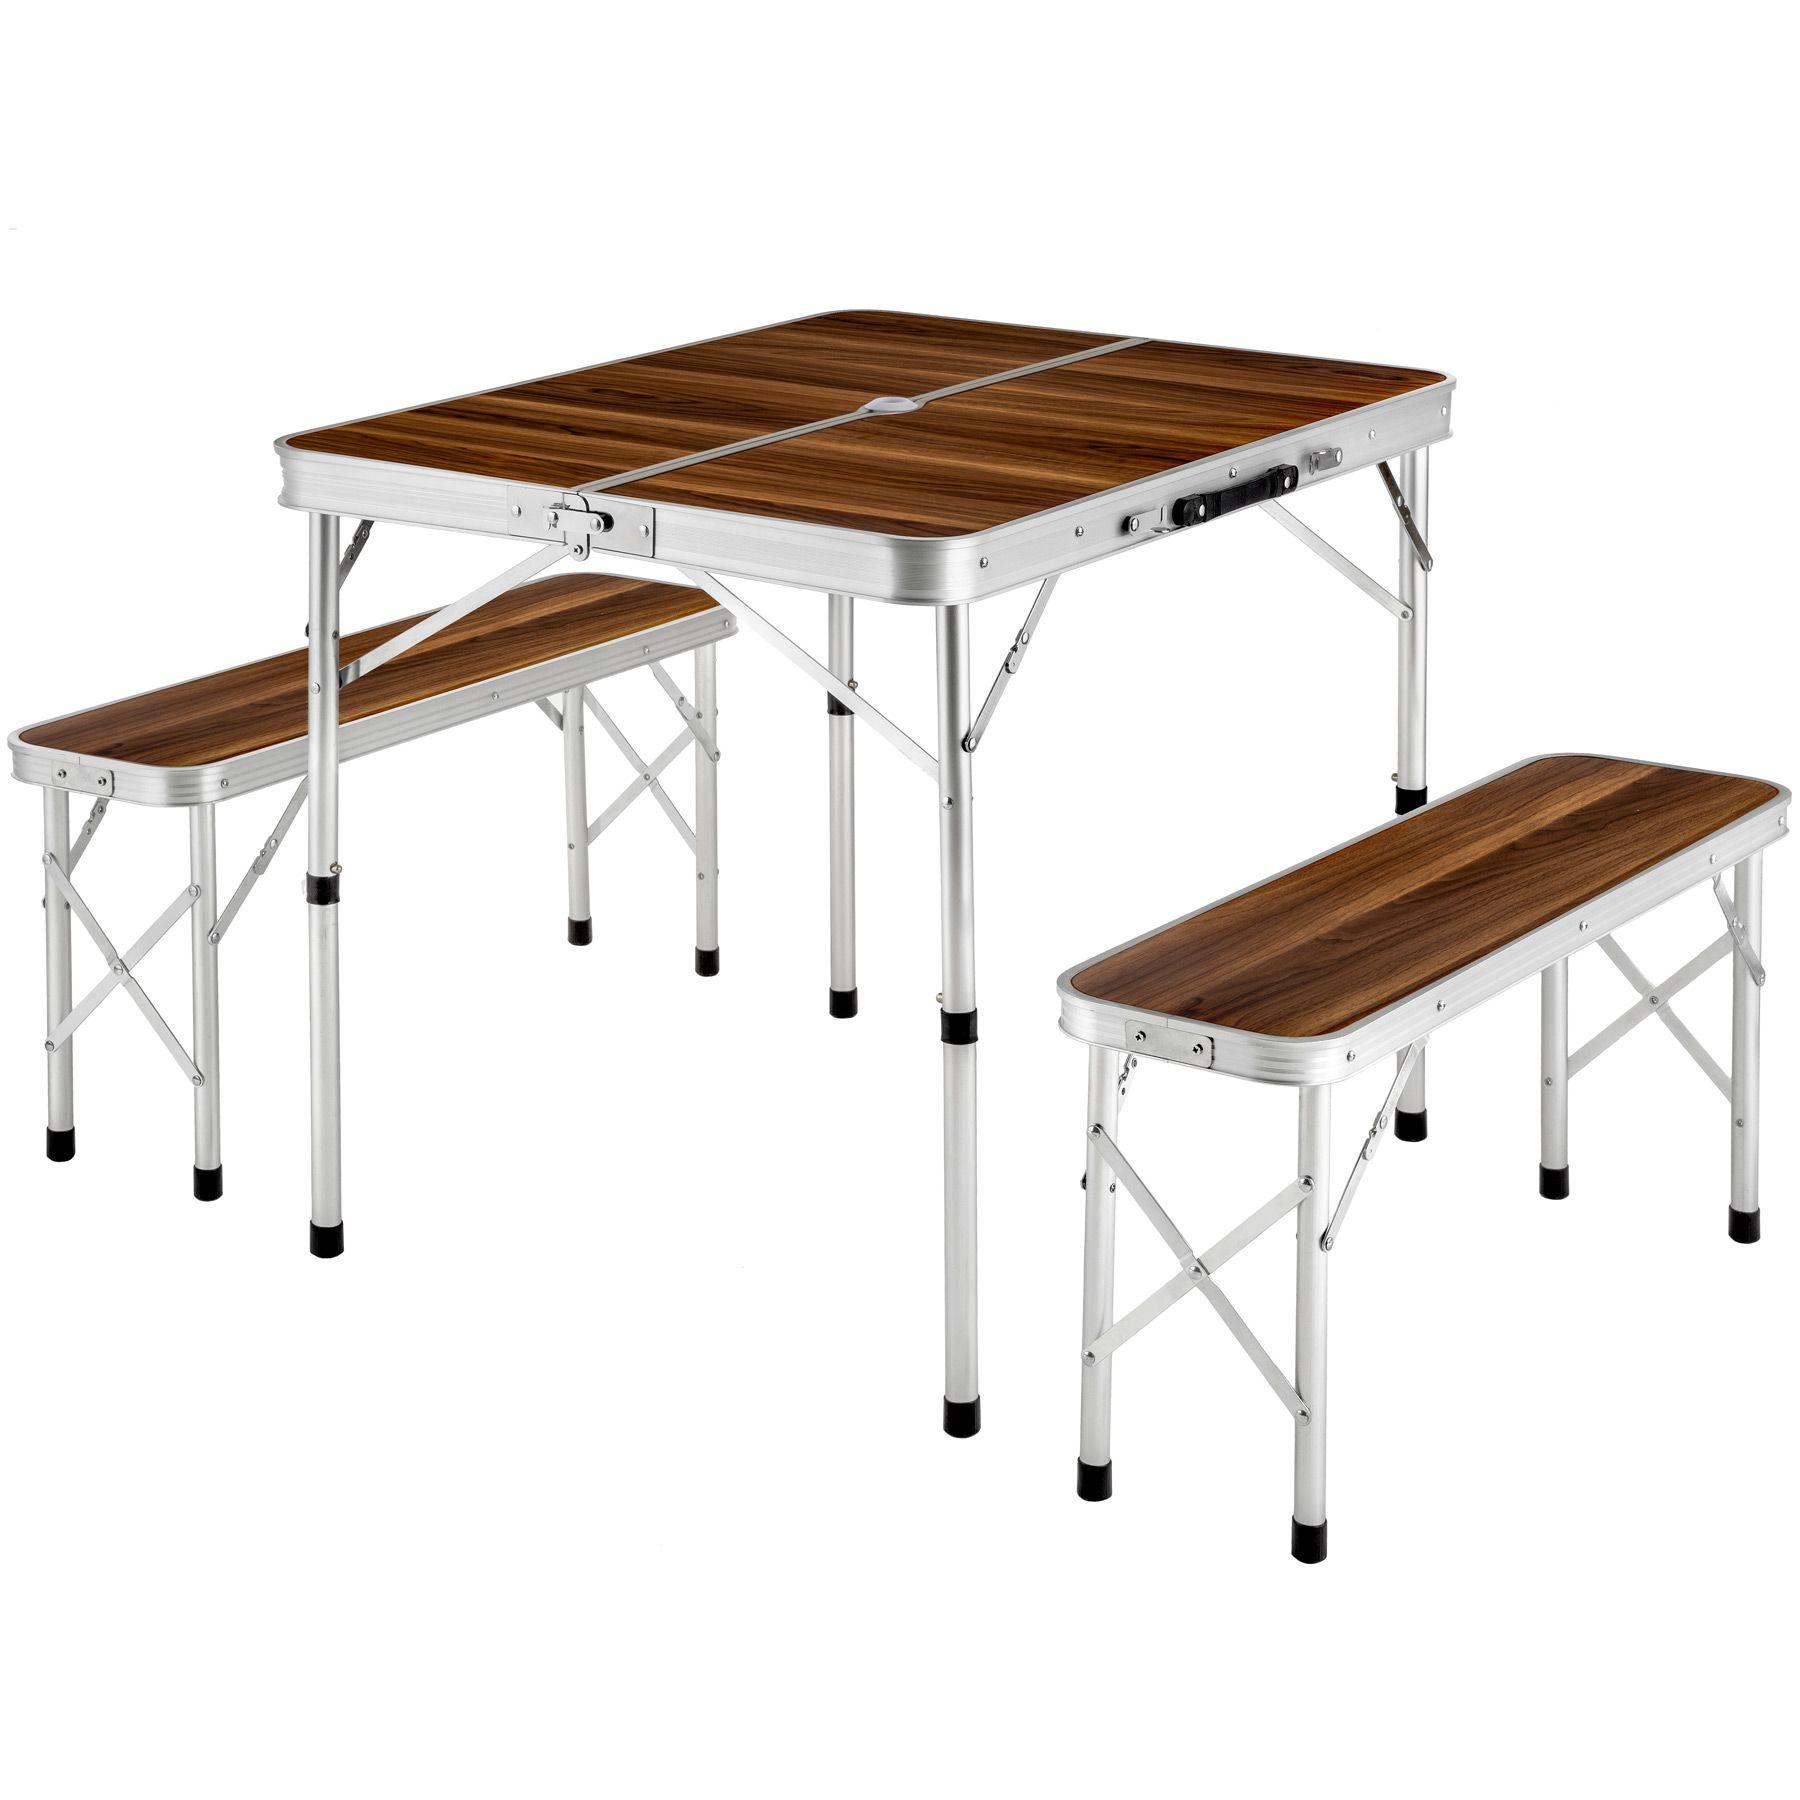 details sur ensemble table pliante valise avec 2 bancs camping aluminium pique nique jardin